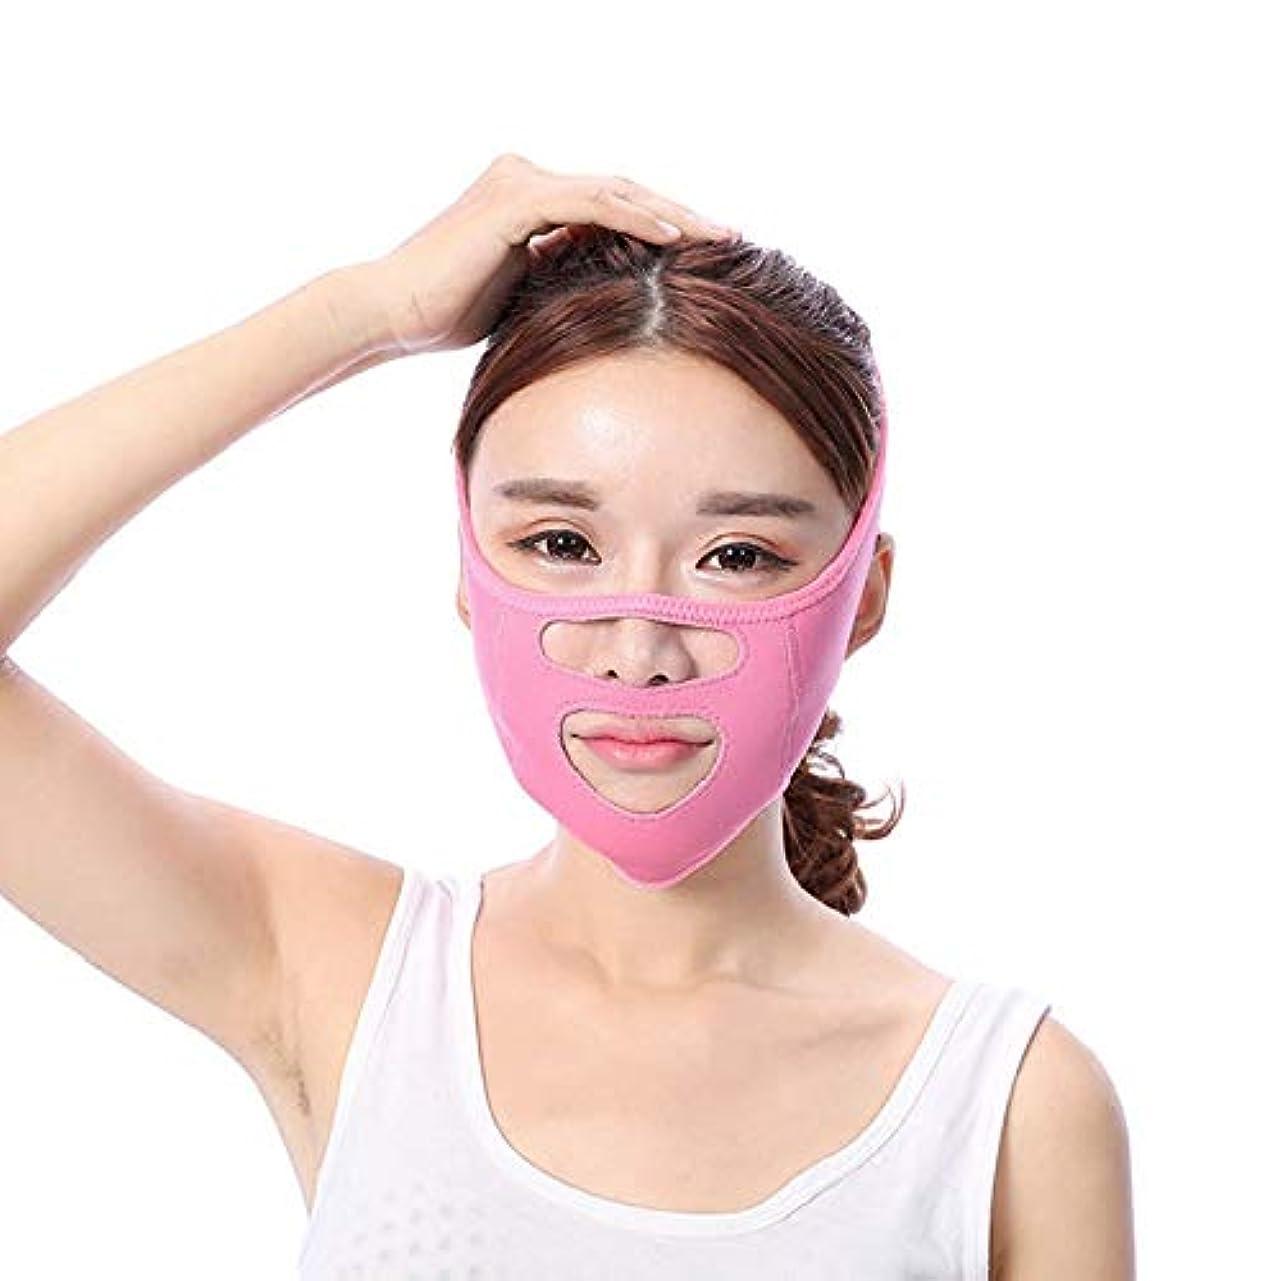 アクチュエータマルクス主義不正フェイスリフトベルトフェイスバンデージ美容機器リフティングファインディングダブルチン法令Vマスク睡眠マスク通気性 美しさ